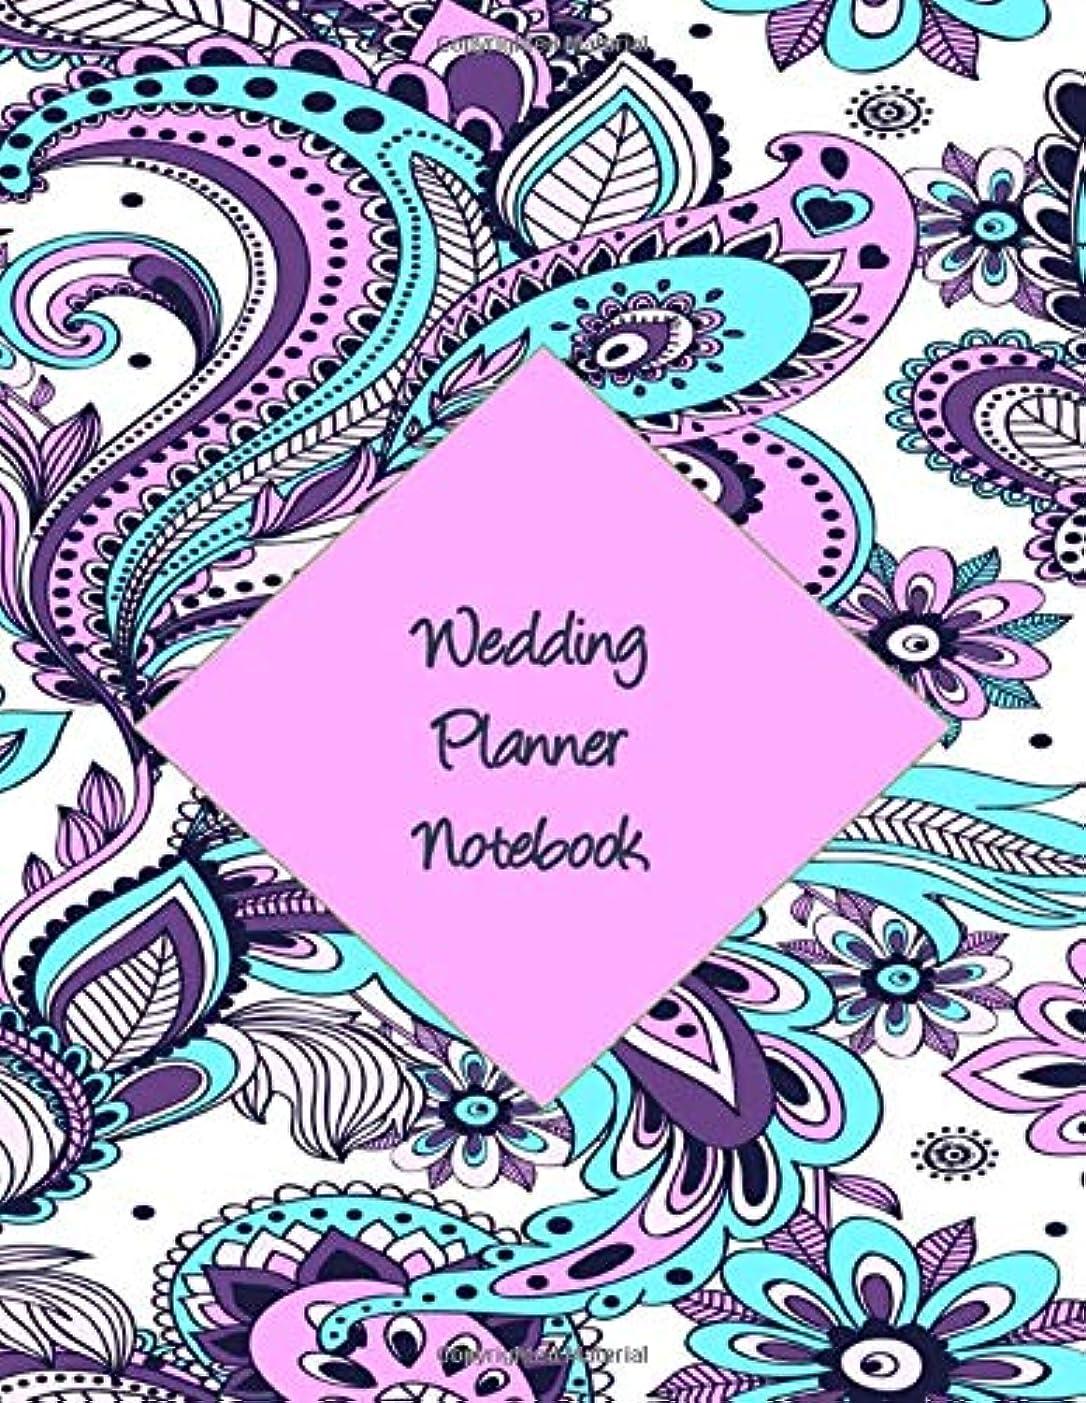 支店贅沢な非常に怒っていますWedding Planner Notebook: Purple and Blue Paisley Cover - Large Size - Ultimate Planning Helper - Essential Checklists - Aide Memoir Sheets - Monthly/Weekly Reminders